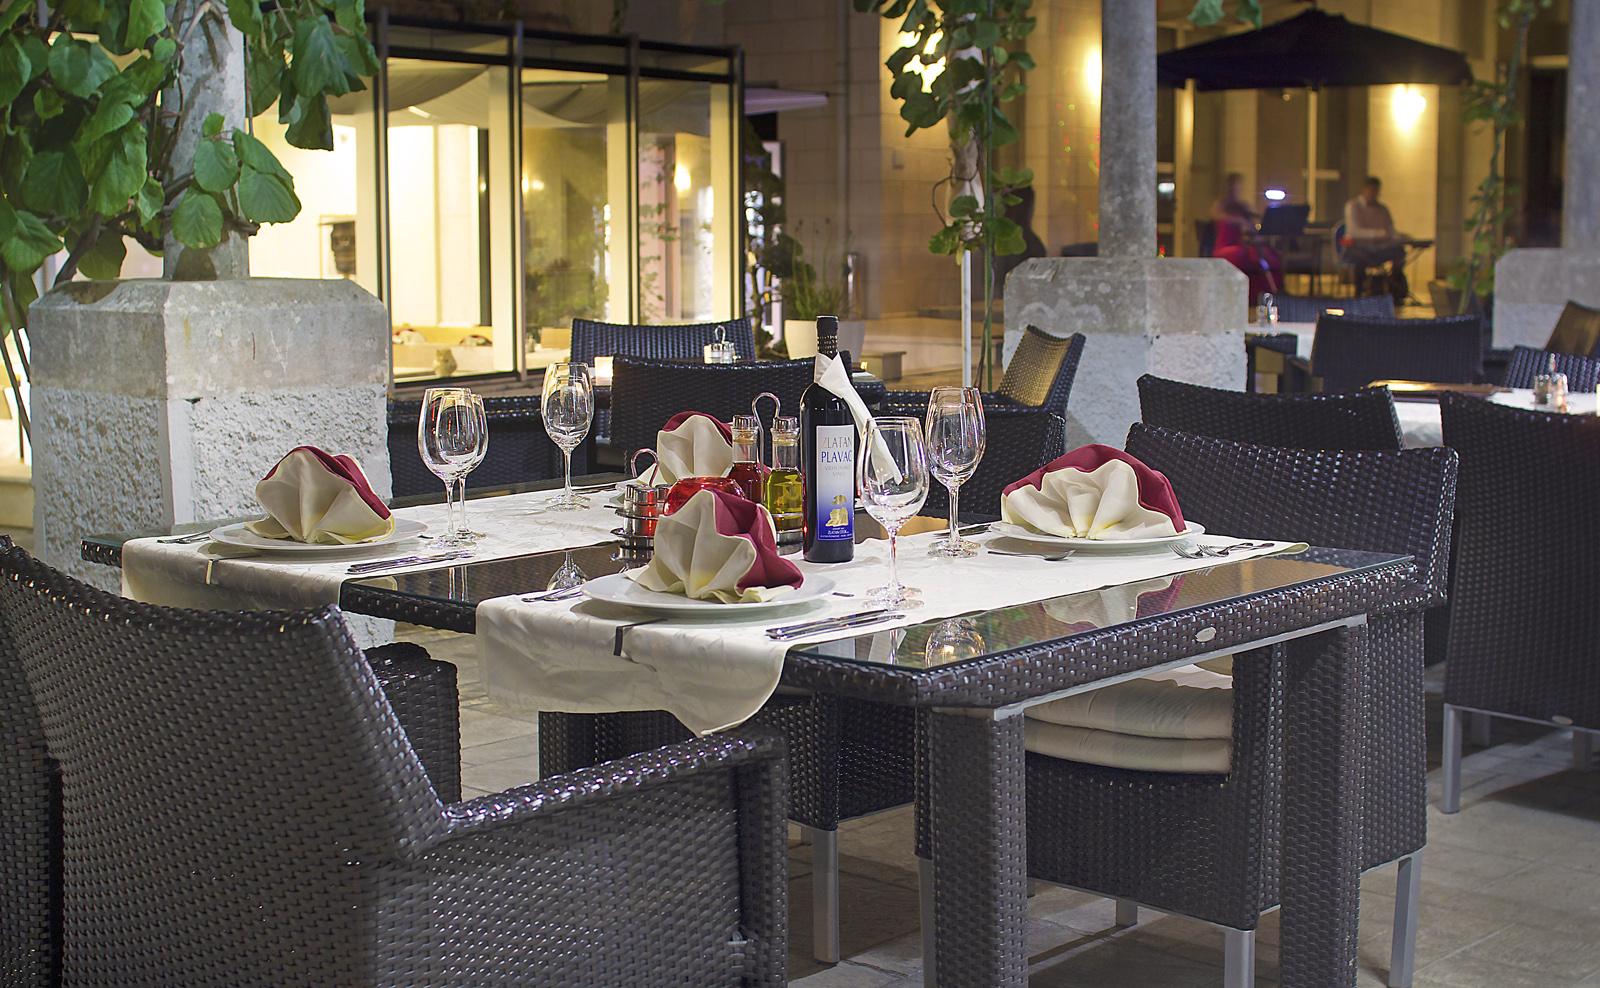 Dubrovnik Hotels | Grand Hotel Dubrovnik Park | Four Star Hotel ...